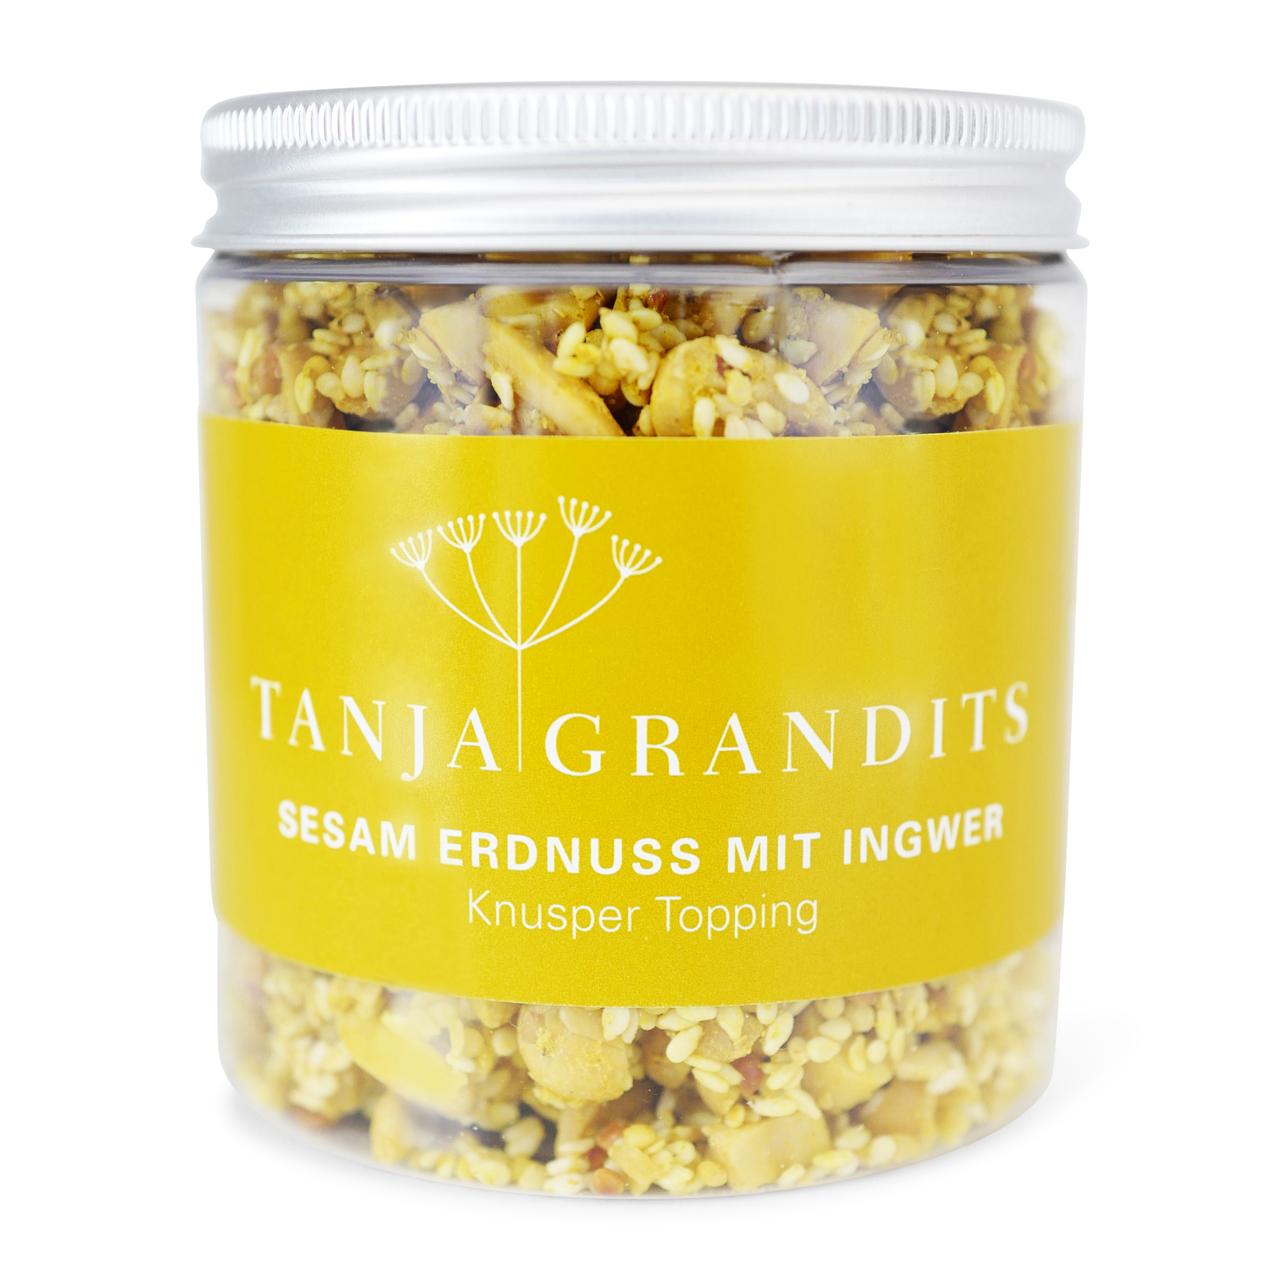 Tanja Grandits: Sesam Erdnuss Topping mit Ingwer